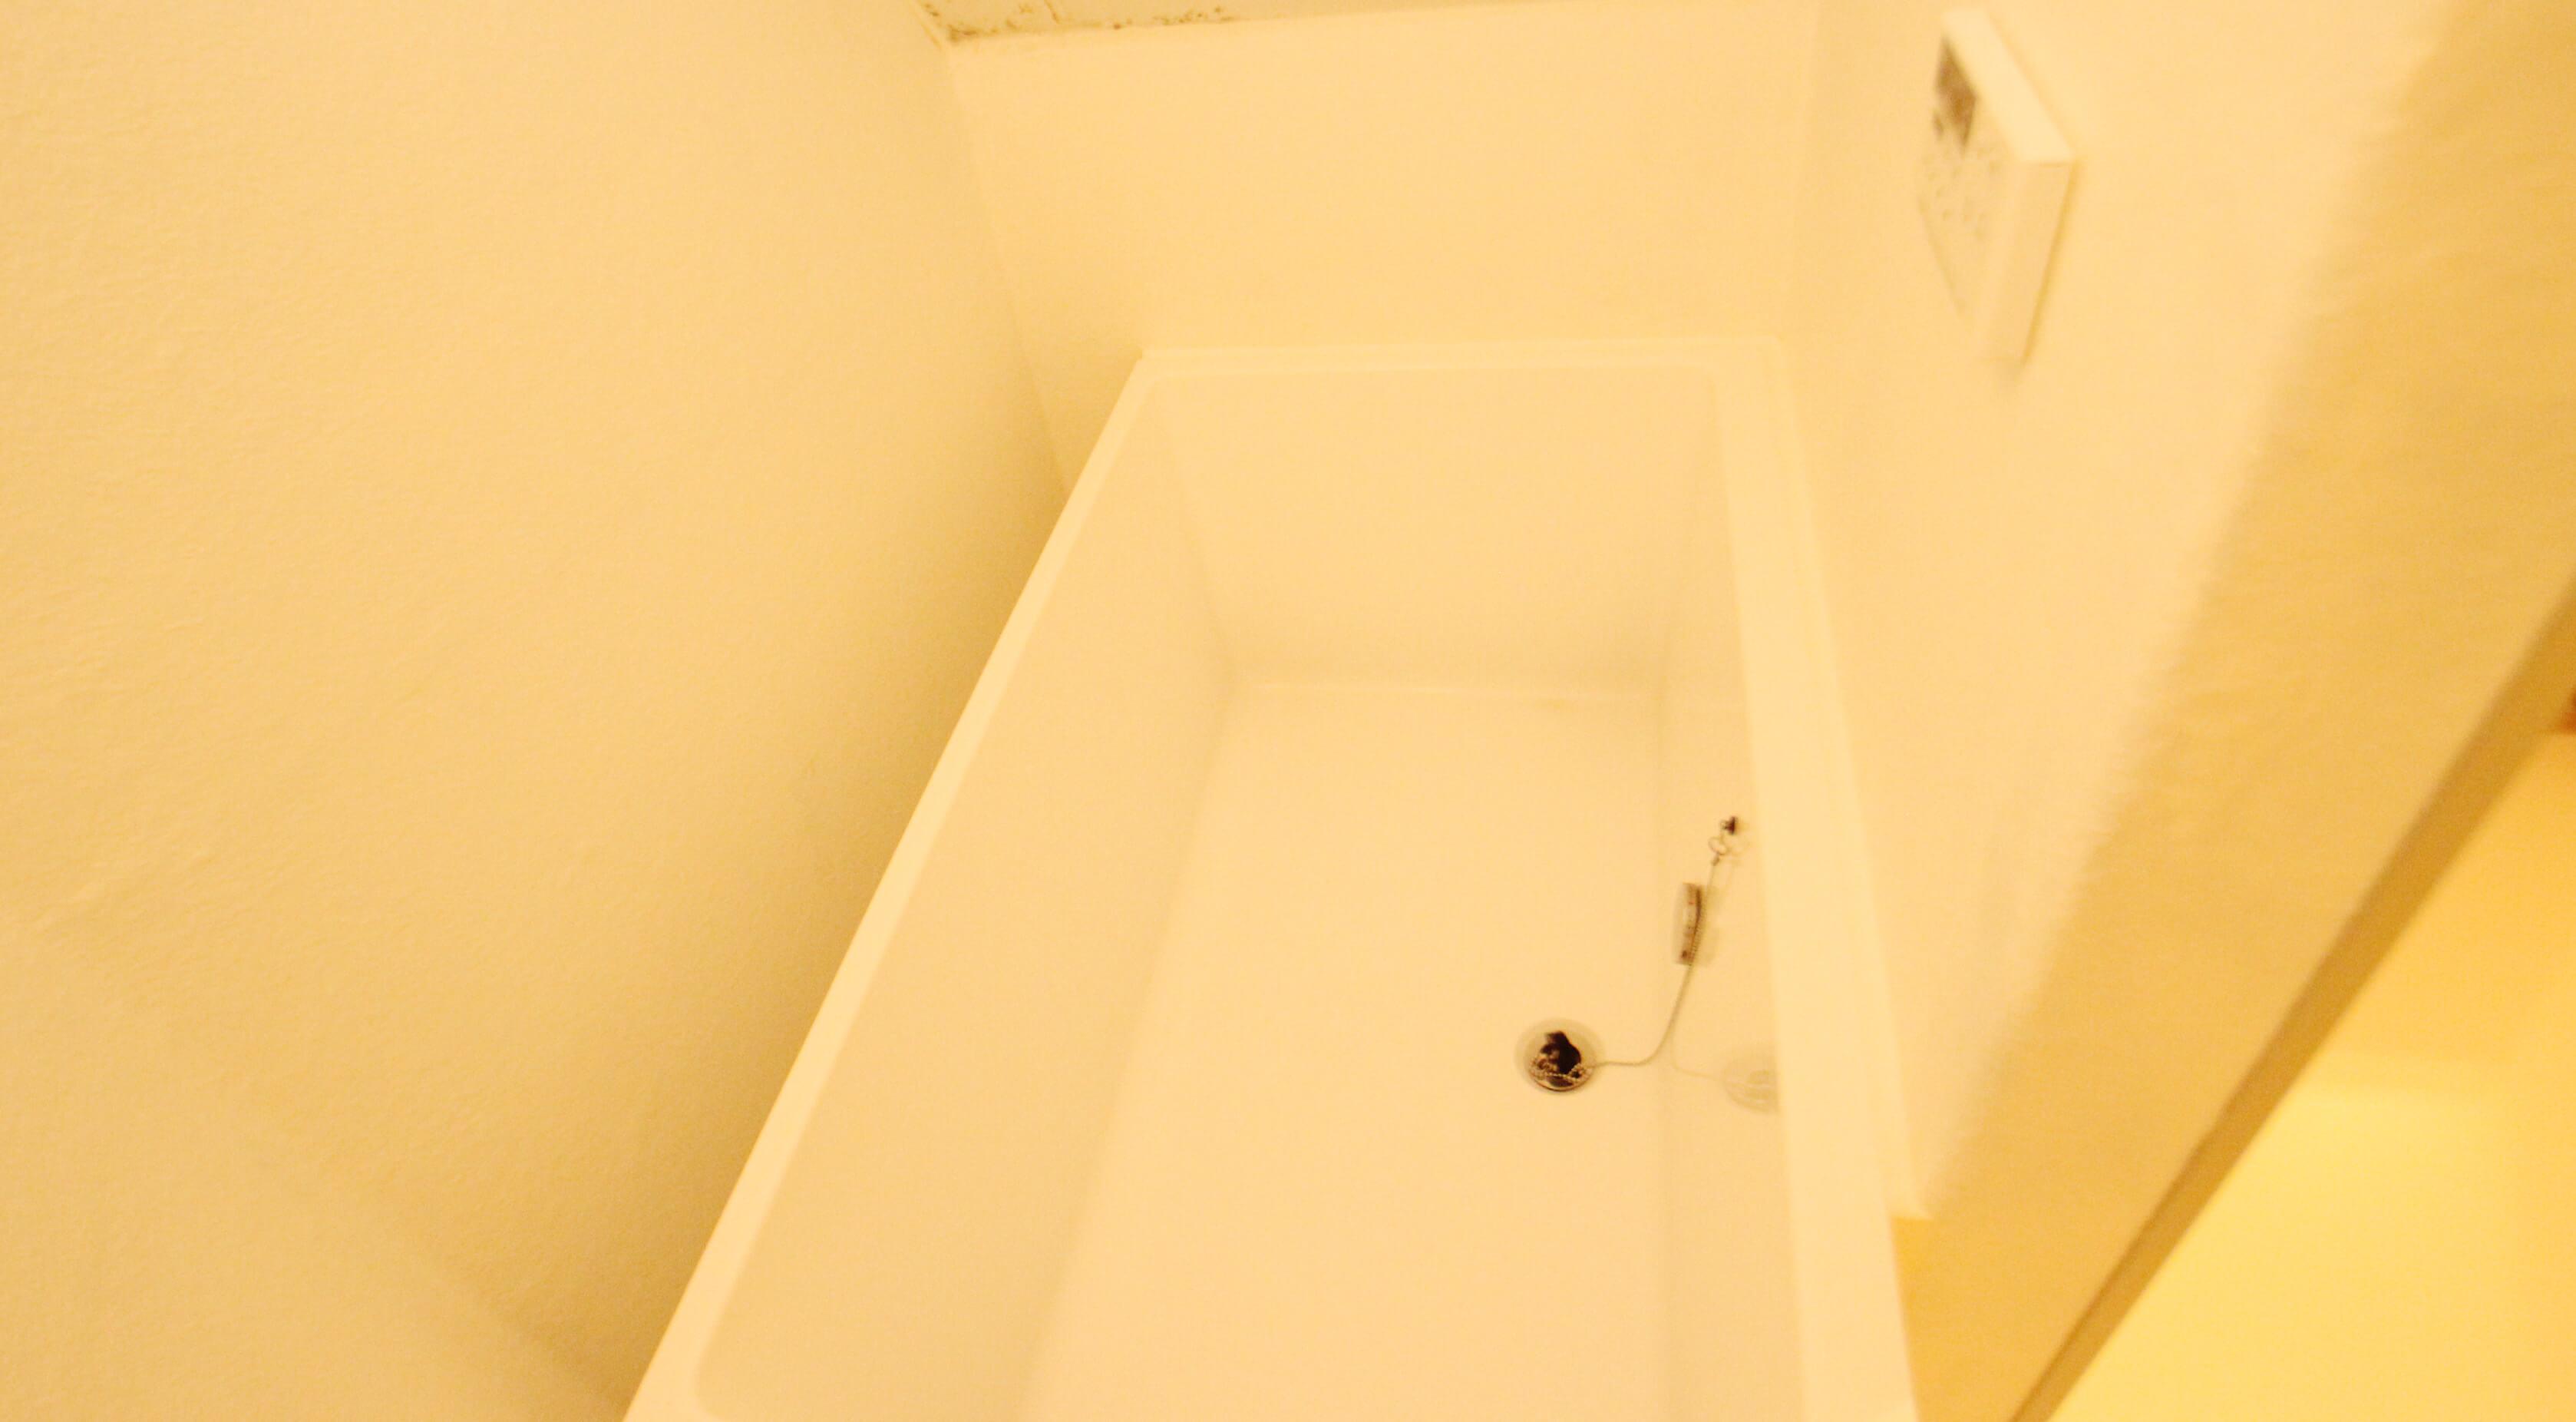 お風呂は浴槽ありますにゃ。なかなか大きめ。足伸ばせますよ。